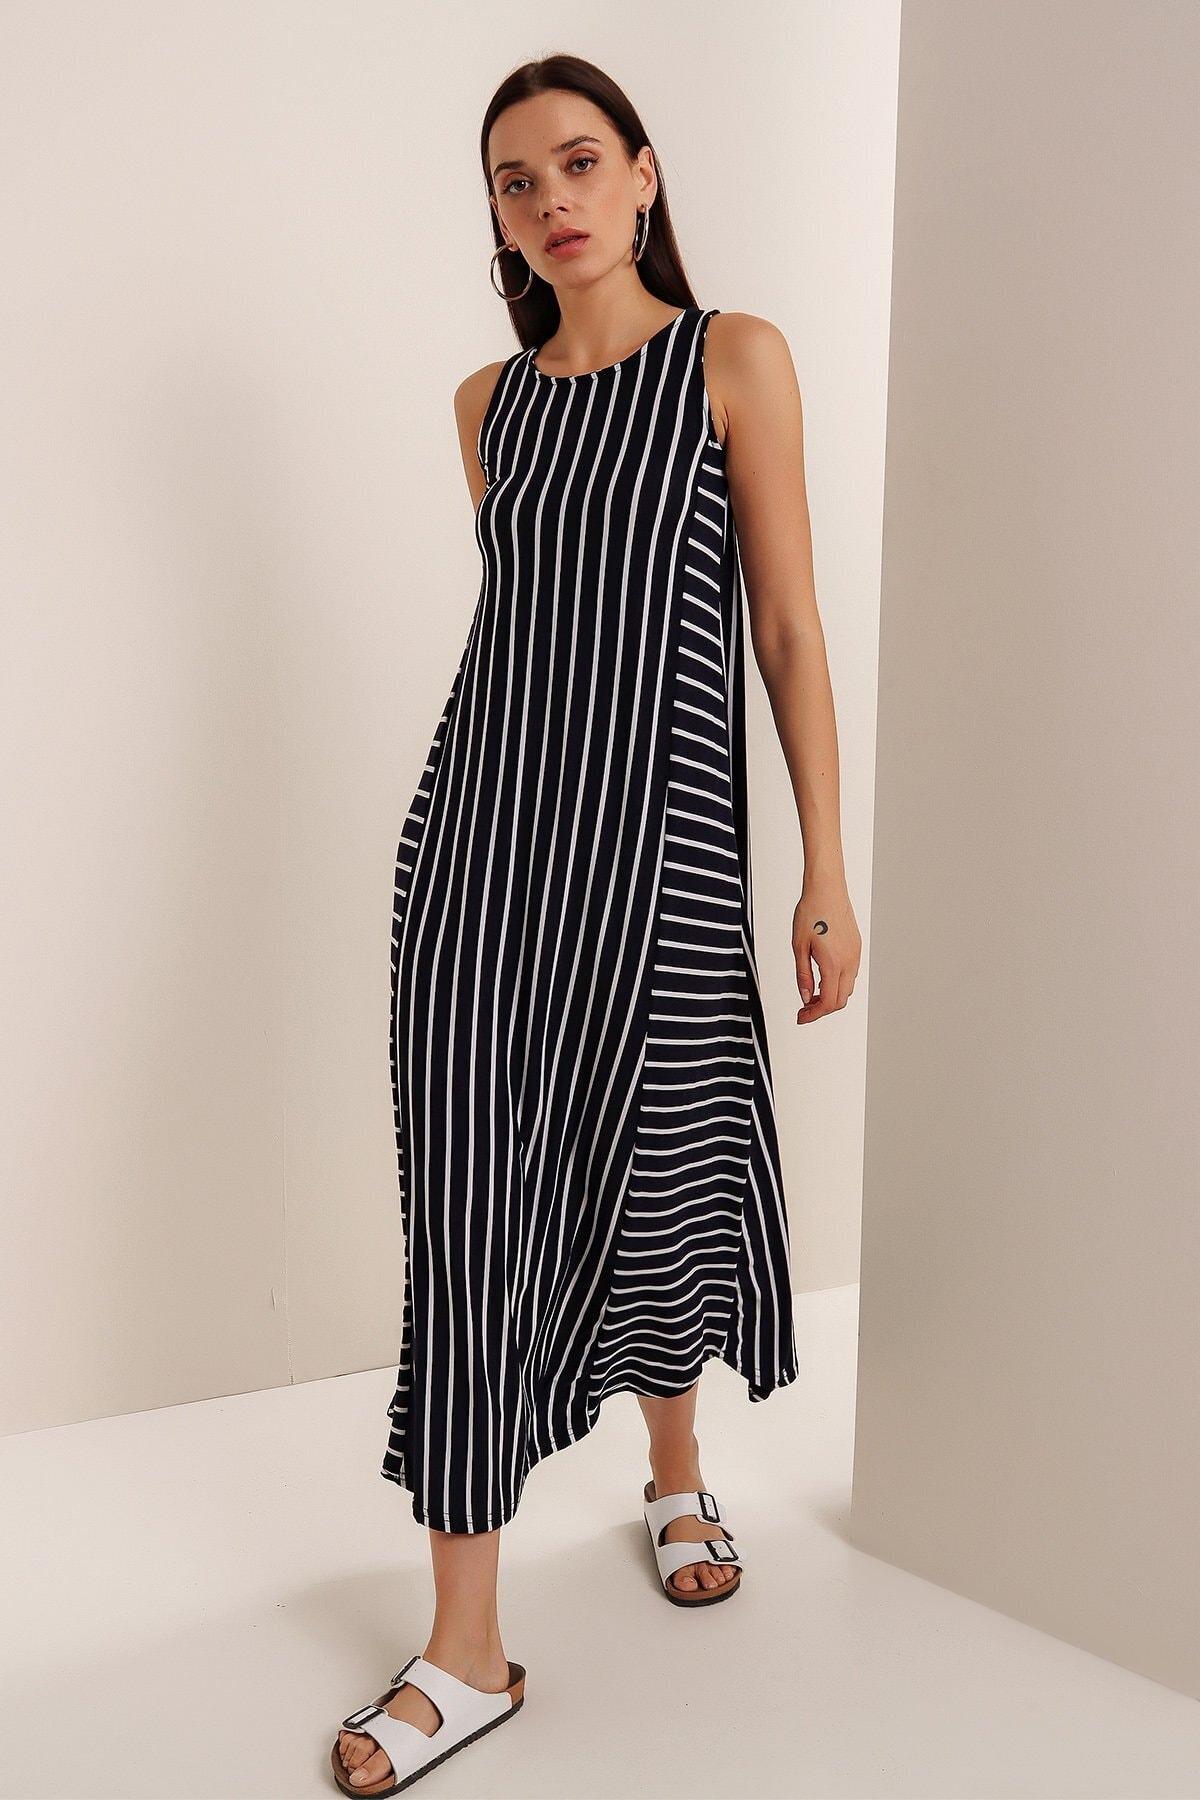 Kadın Lacivert Çizgili Sıfır Kol Elbise